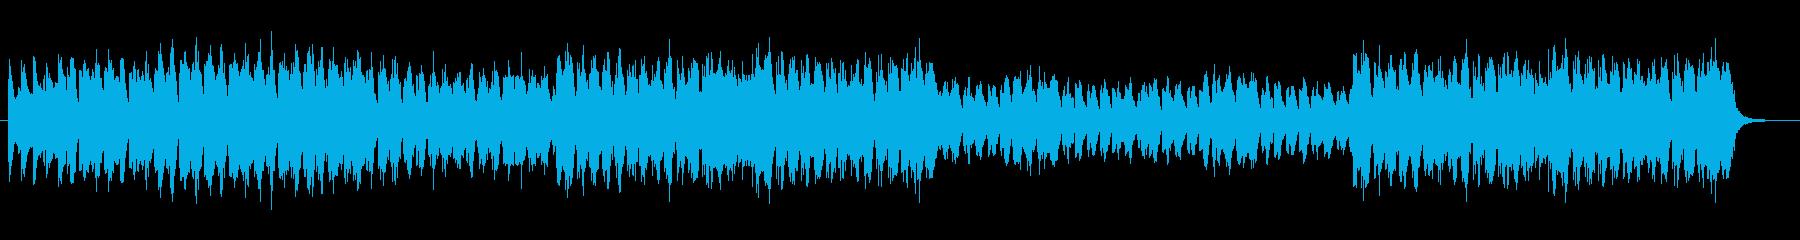 アニメ映画の悪役が行進するときのBGMの再生済みの波形